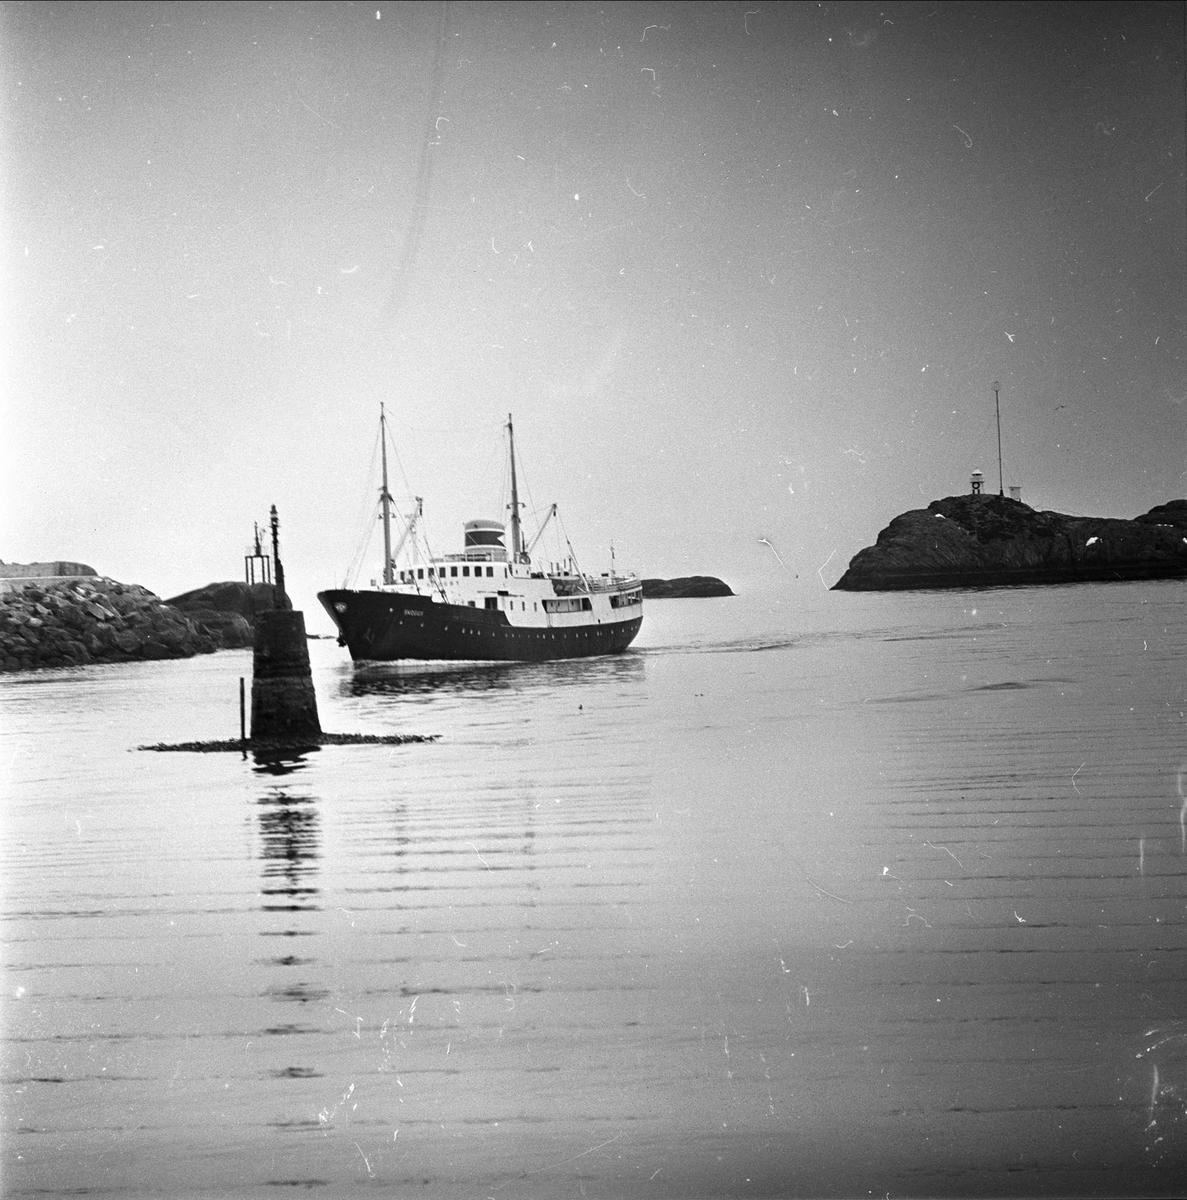 Vardø, Finnmark, april 1963. Båt og sjømerke.